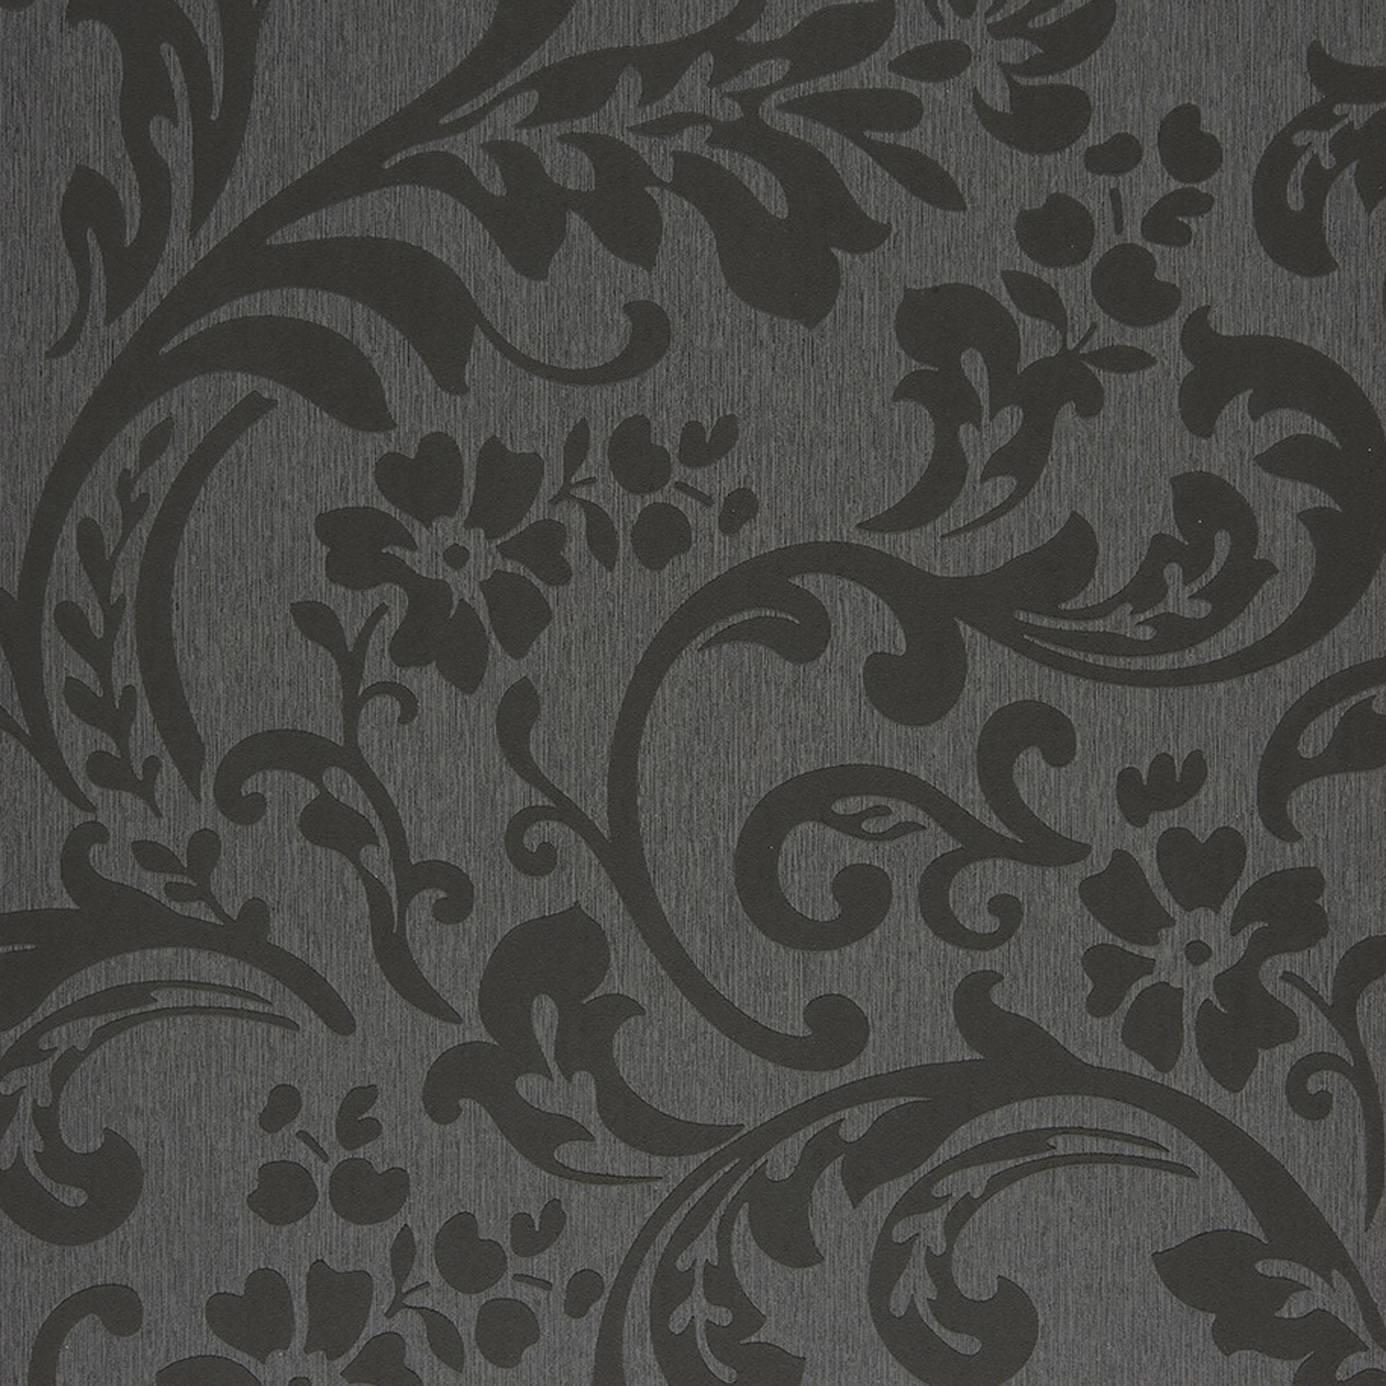 Arabesque Black Wallpaper Midnight 3 Casadeco